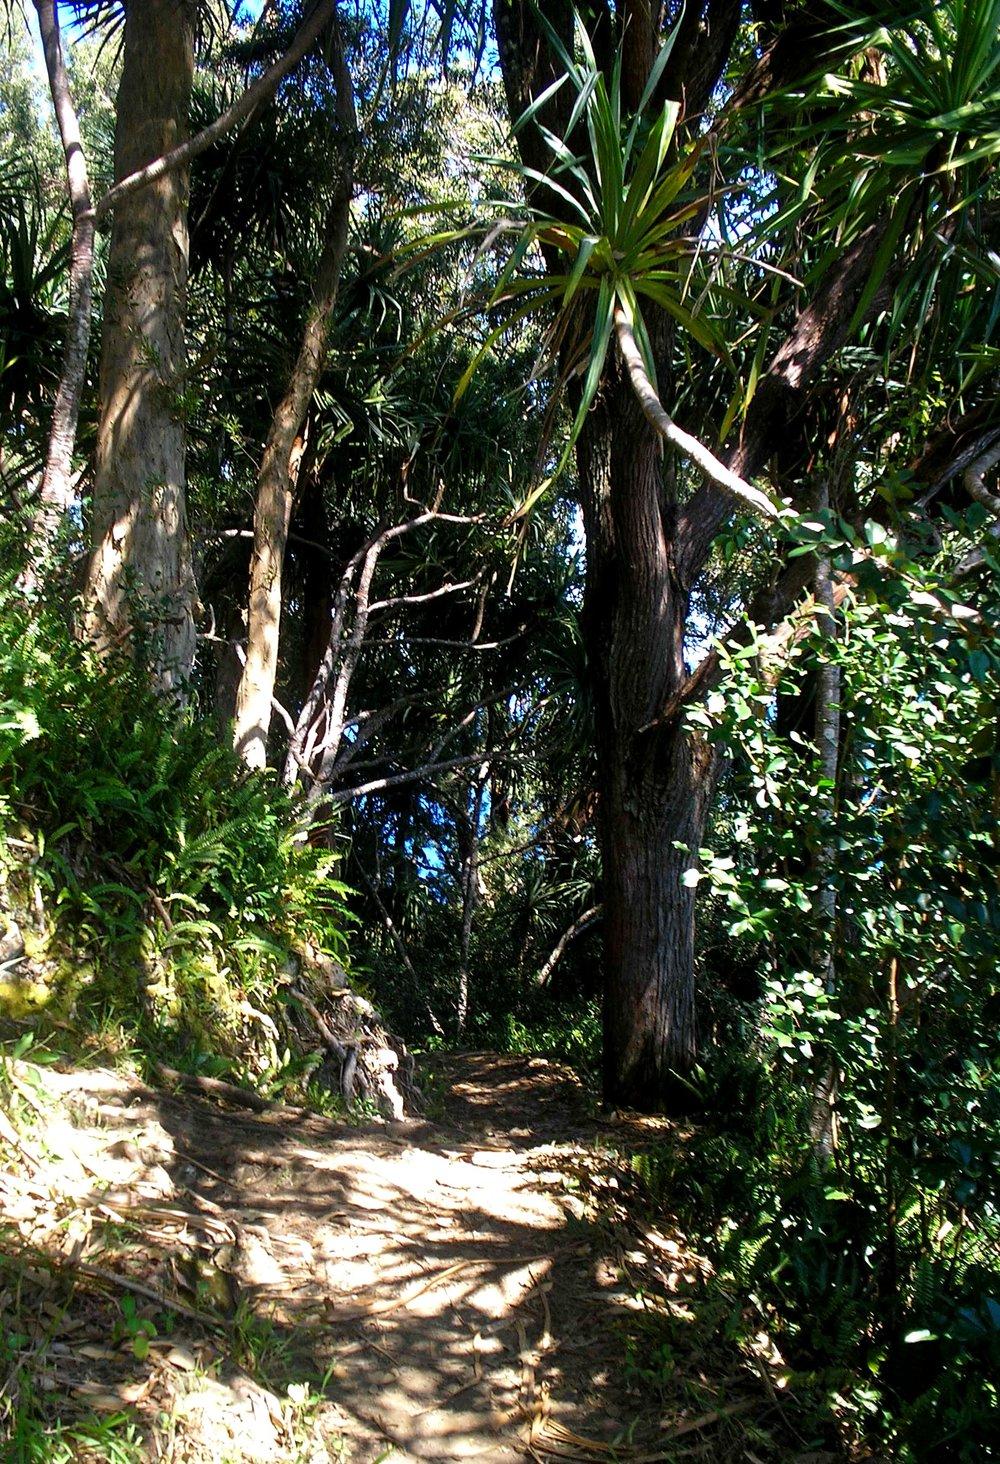 koolau forest reserve.jpg